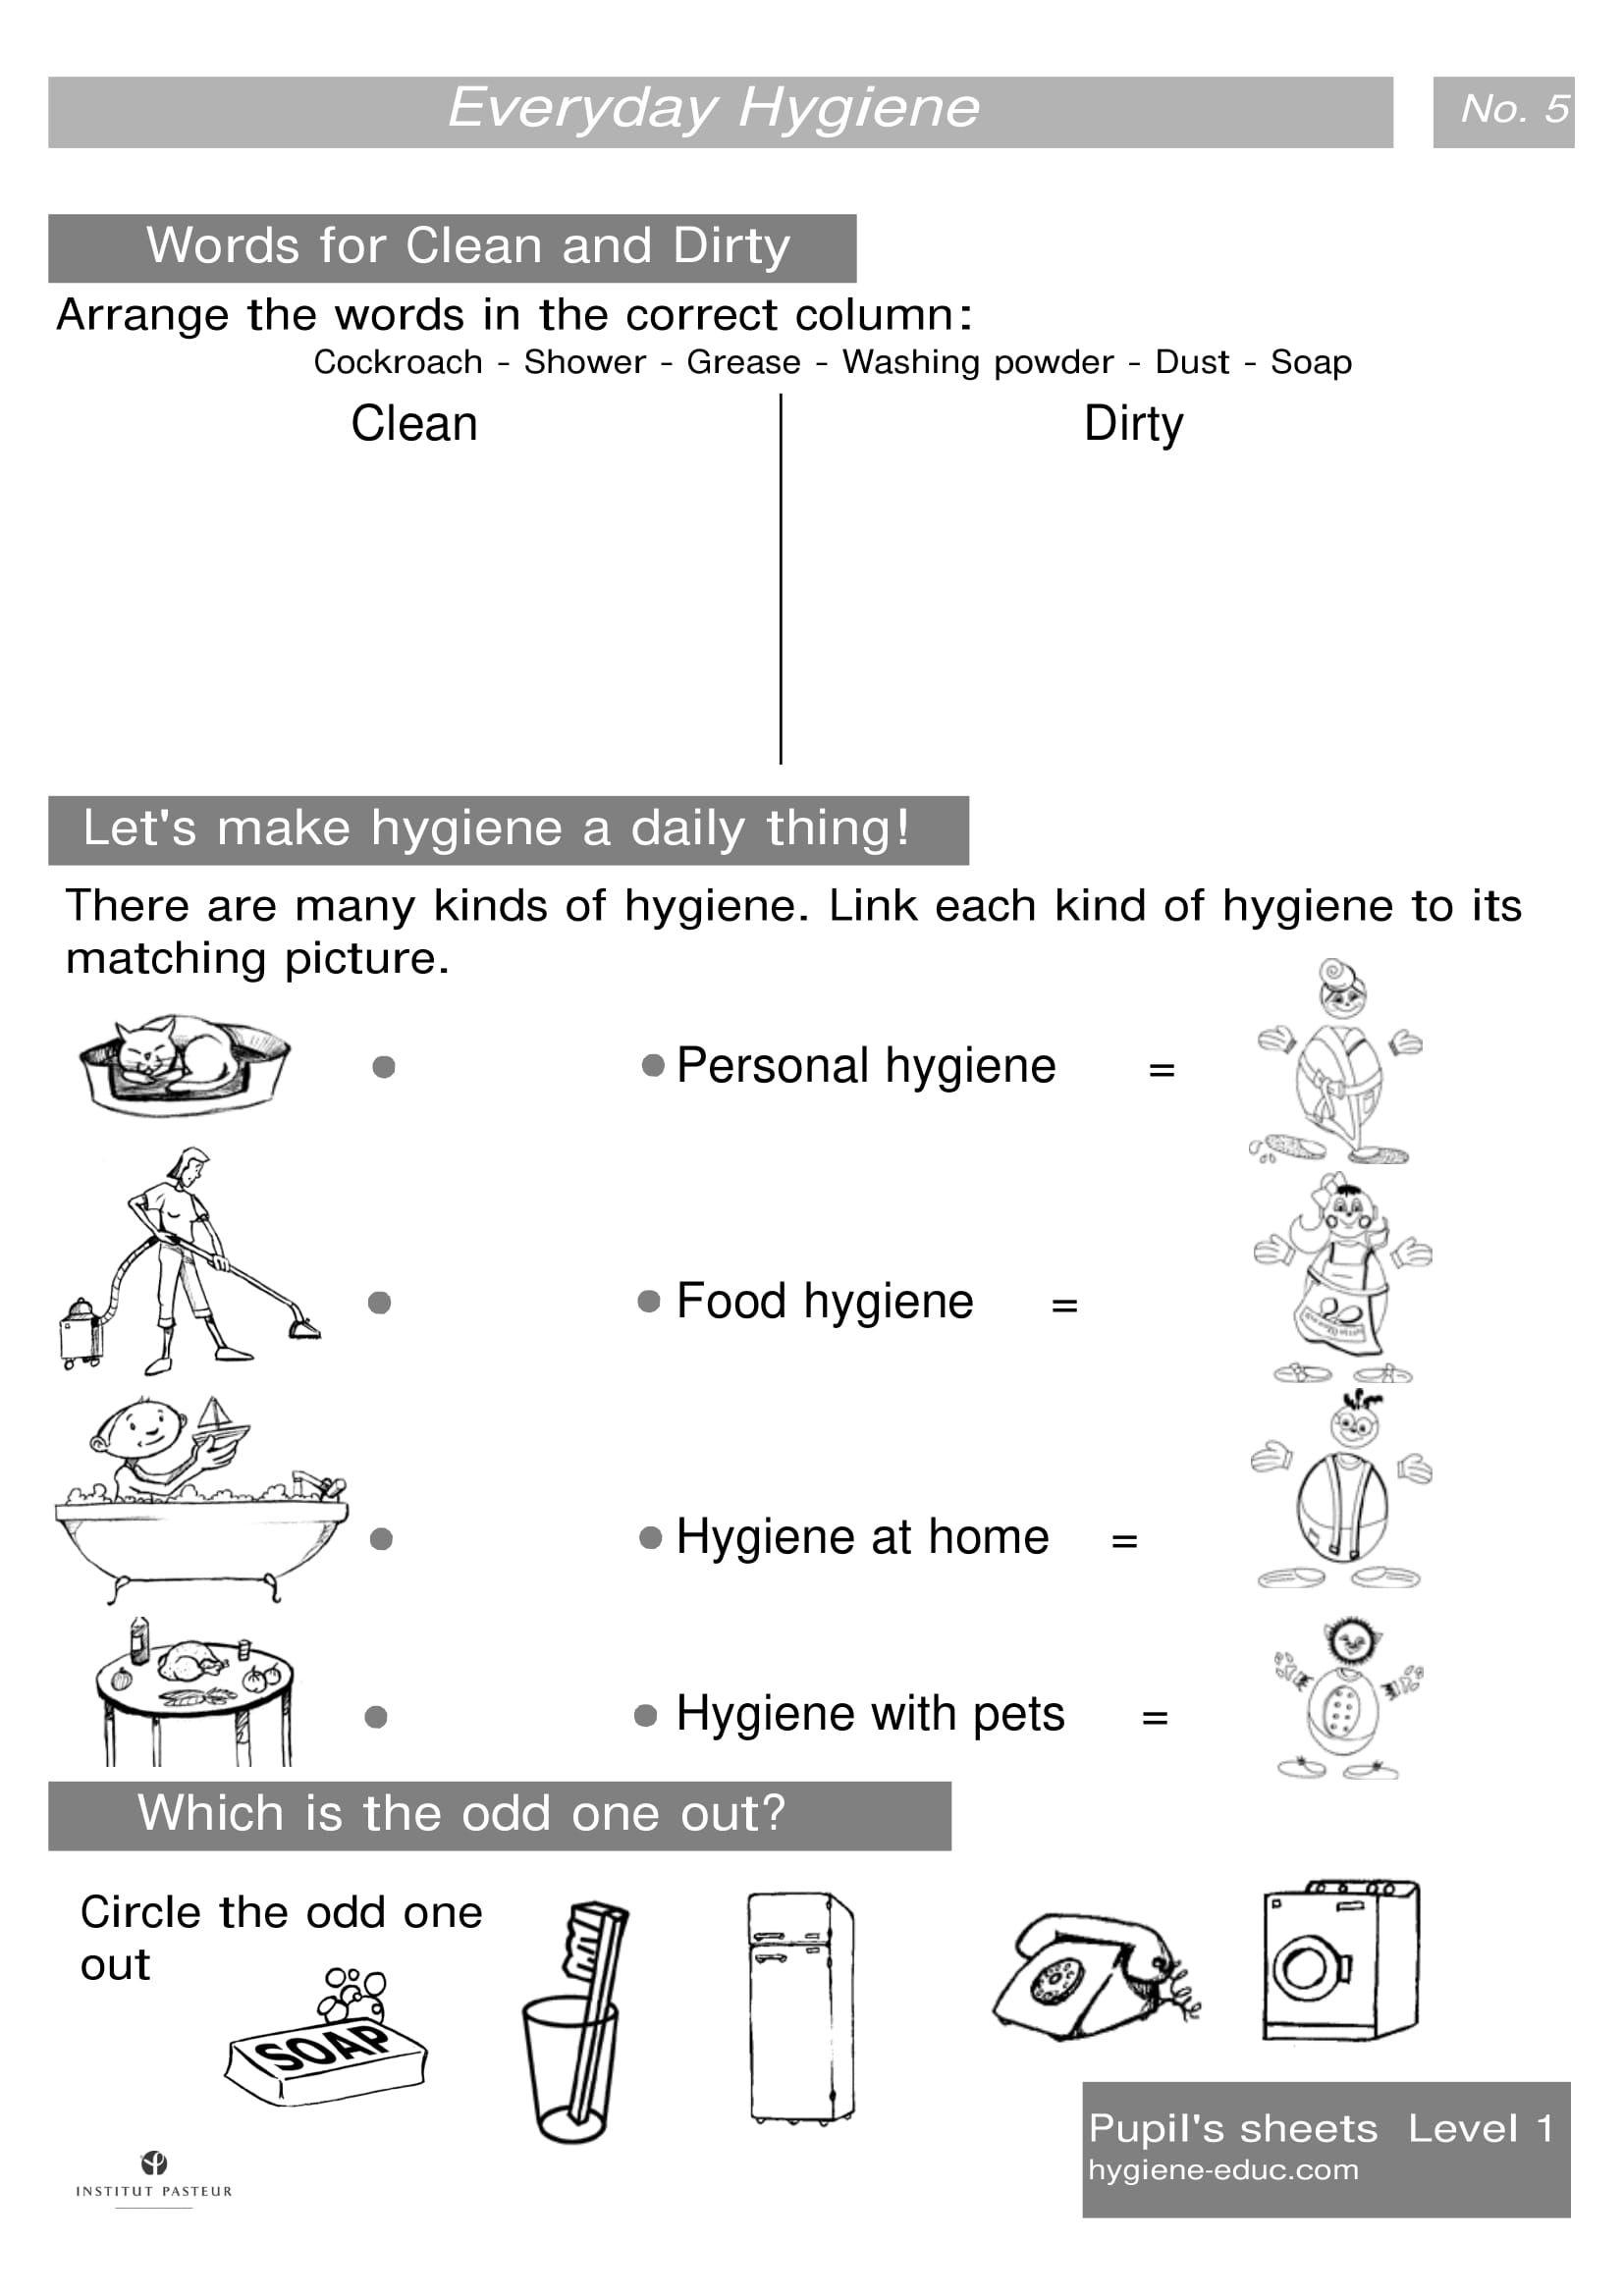 Everyday Hygiene Worksheets Level 1 Worksheets 5 Words For